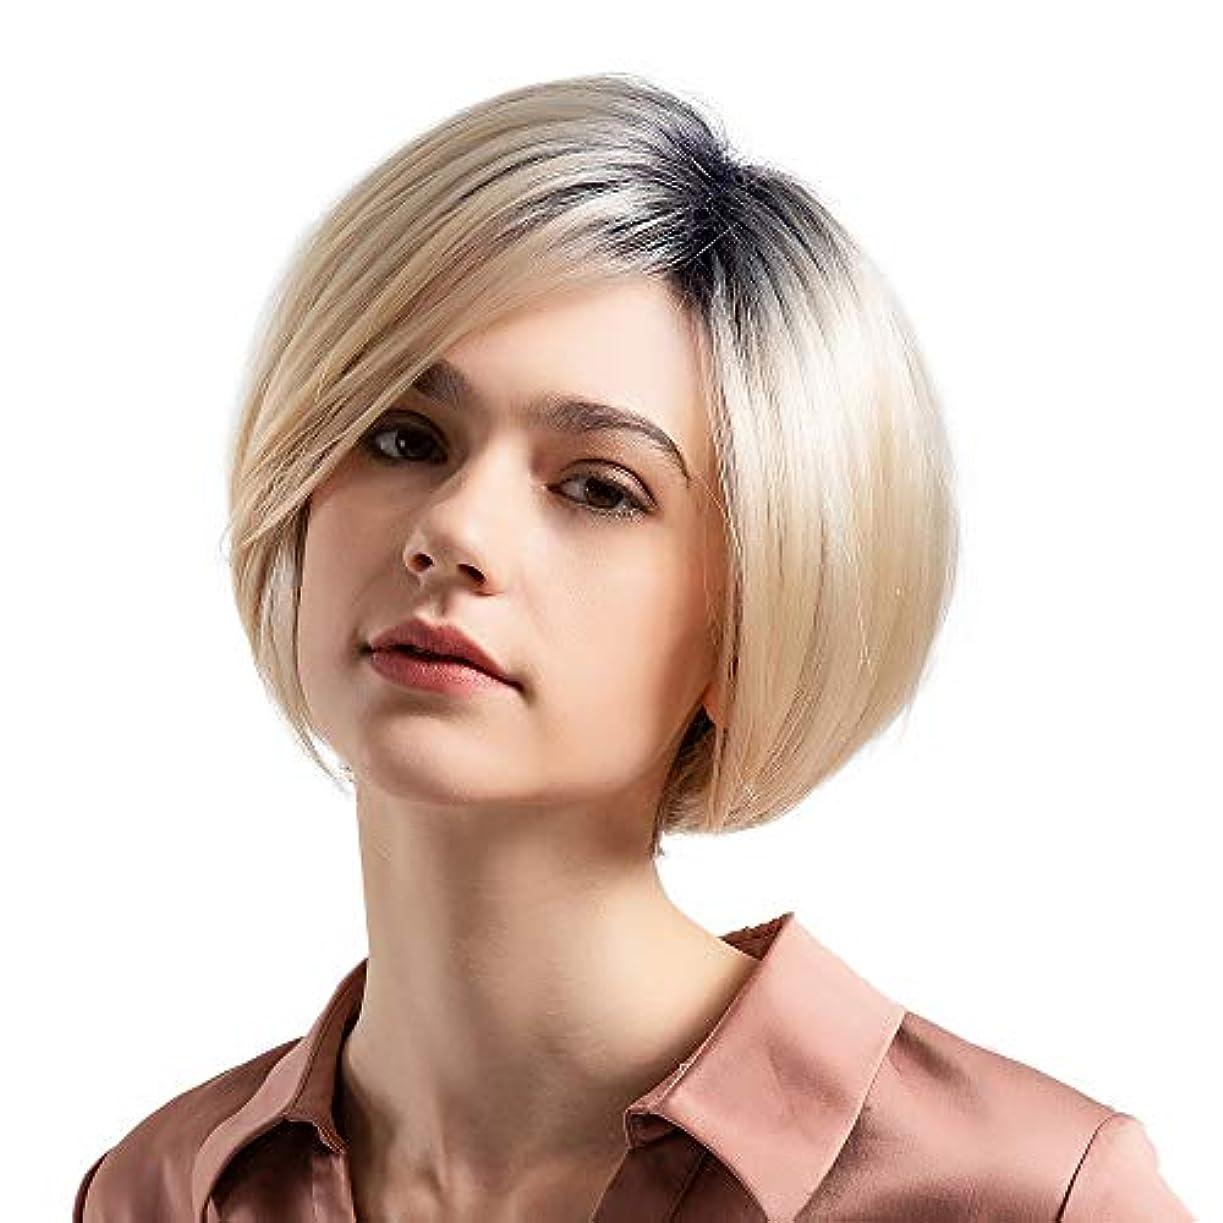 ウィッグショートボブストレートヘア50%リアルヘアウィッグ女性のファッショングラデーションウィッグ